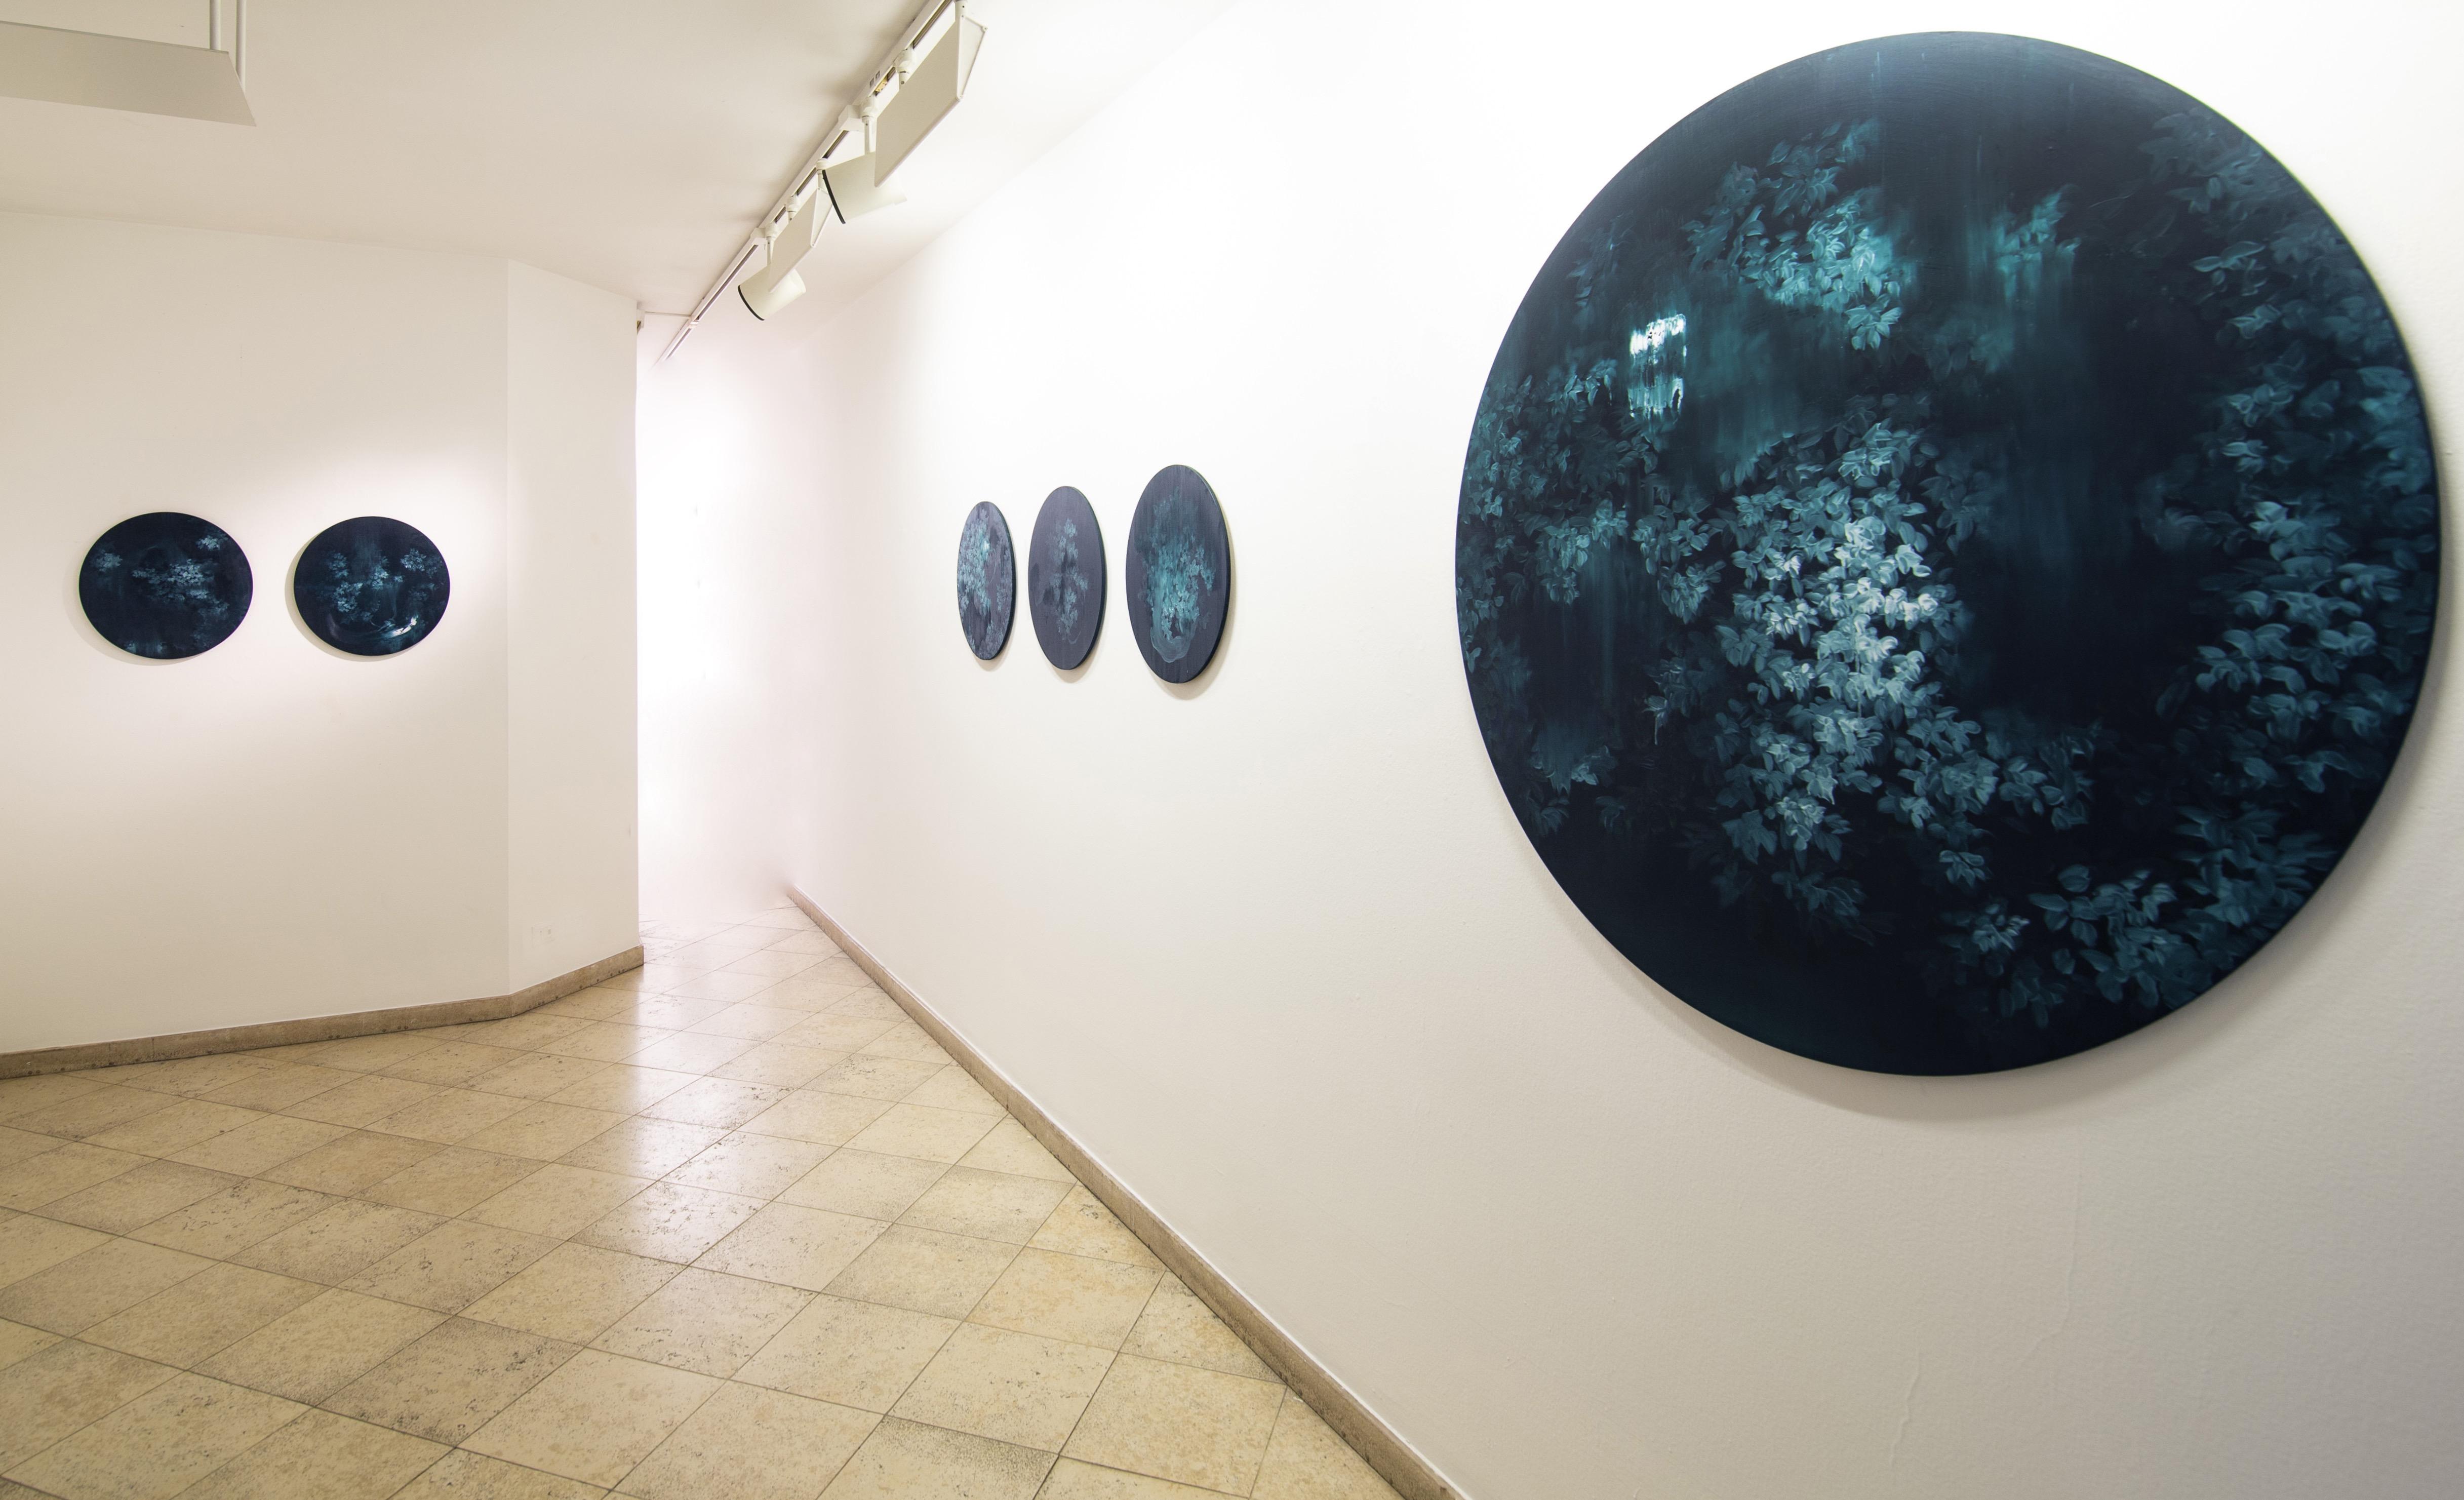 Installation View, Profondità Solide by Giulia Dall'Olio @ Traffic Gallery 2020 - ph by mario teli